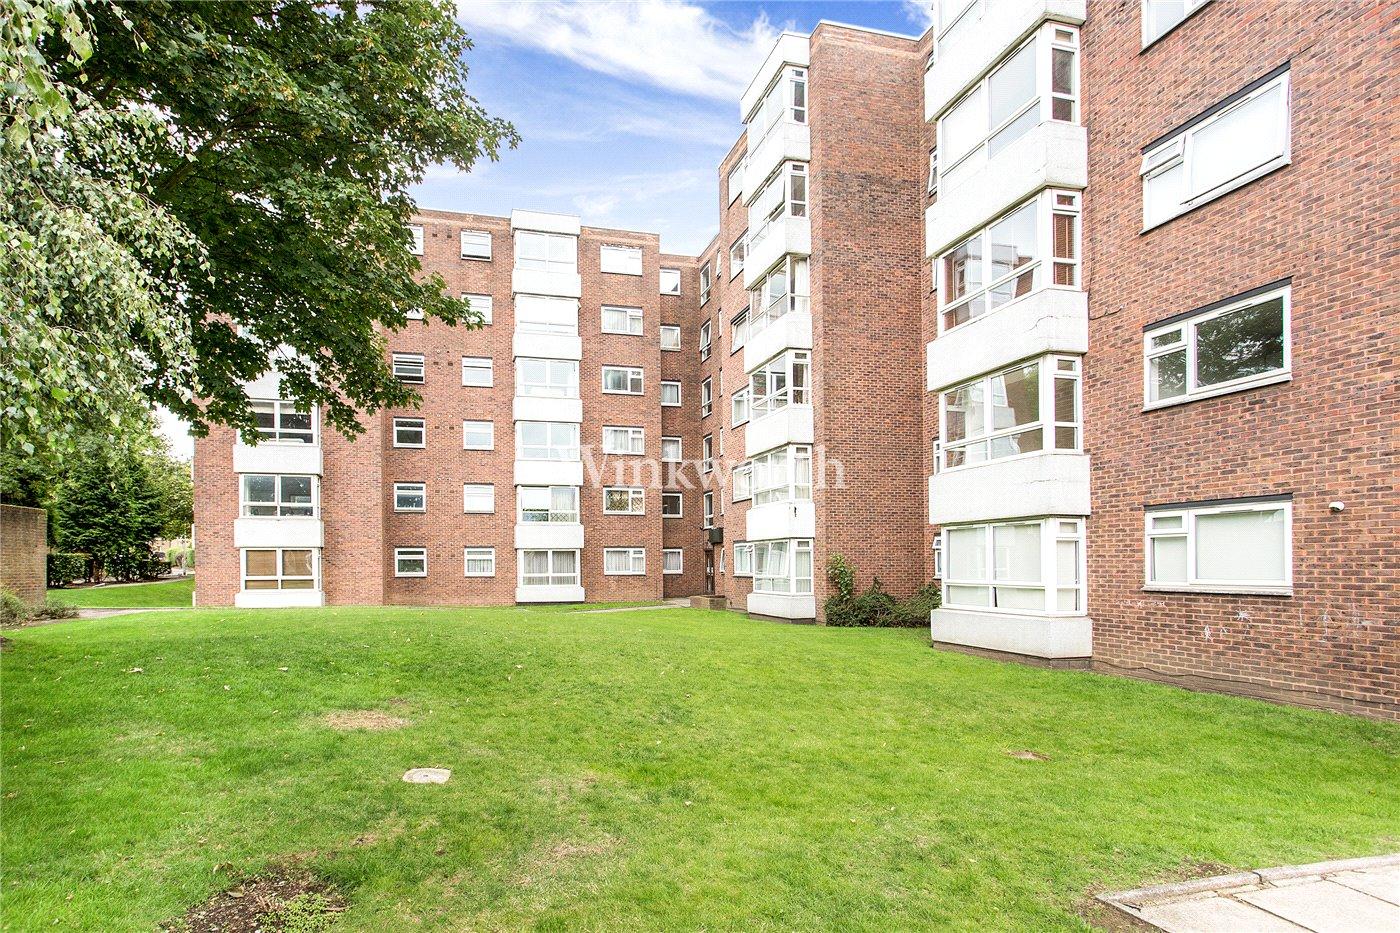 3 Bedroom Property To Rent In Raffles House 67 Brampton